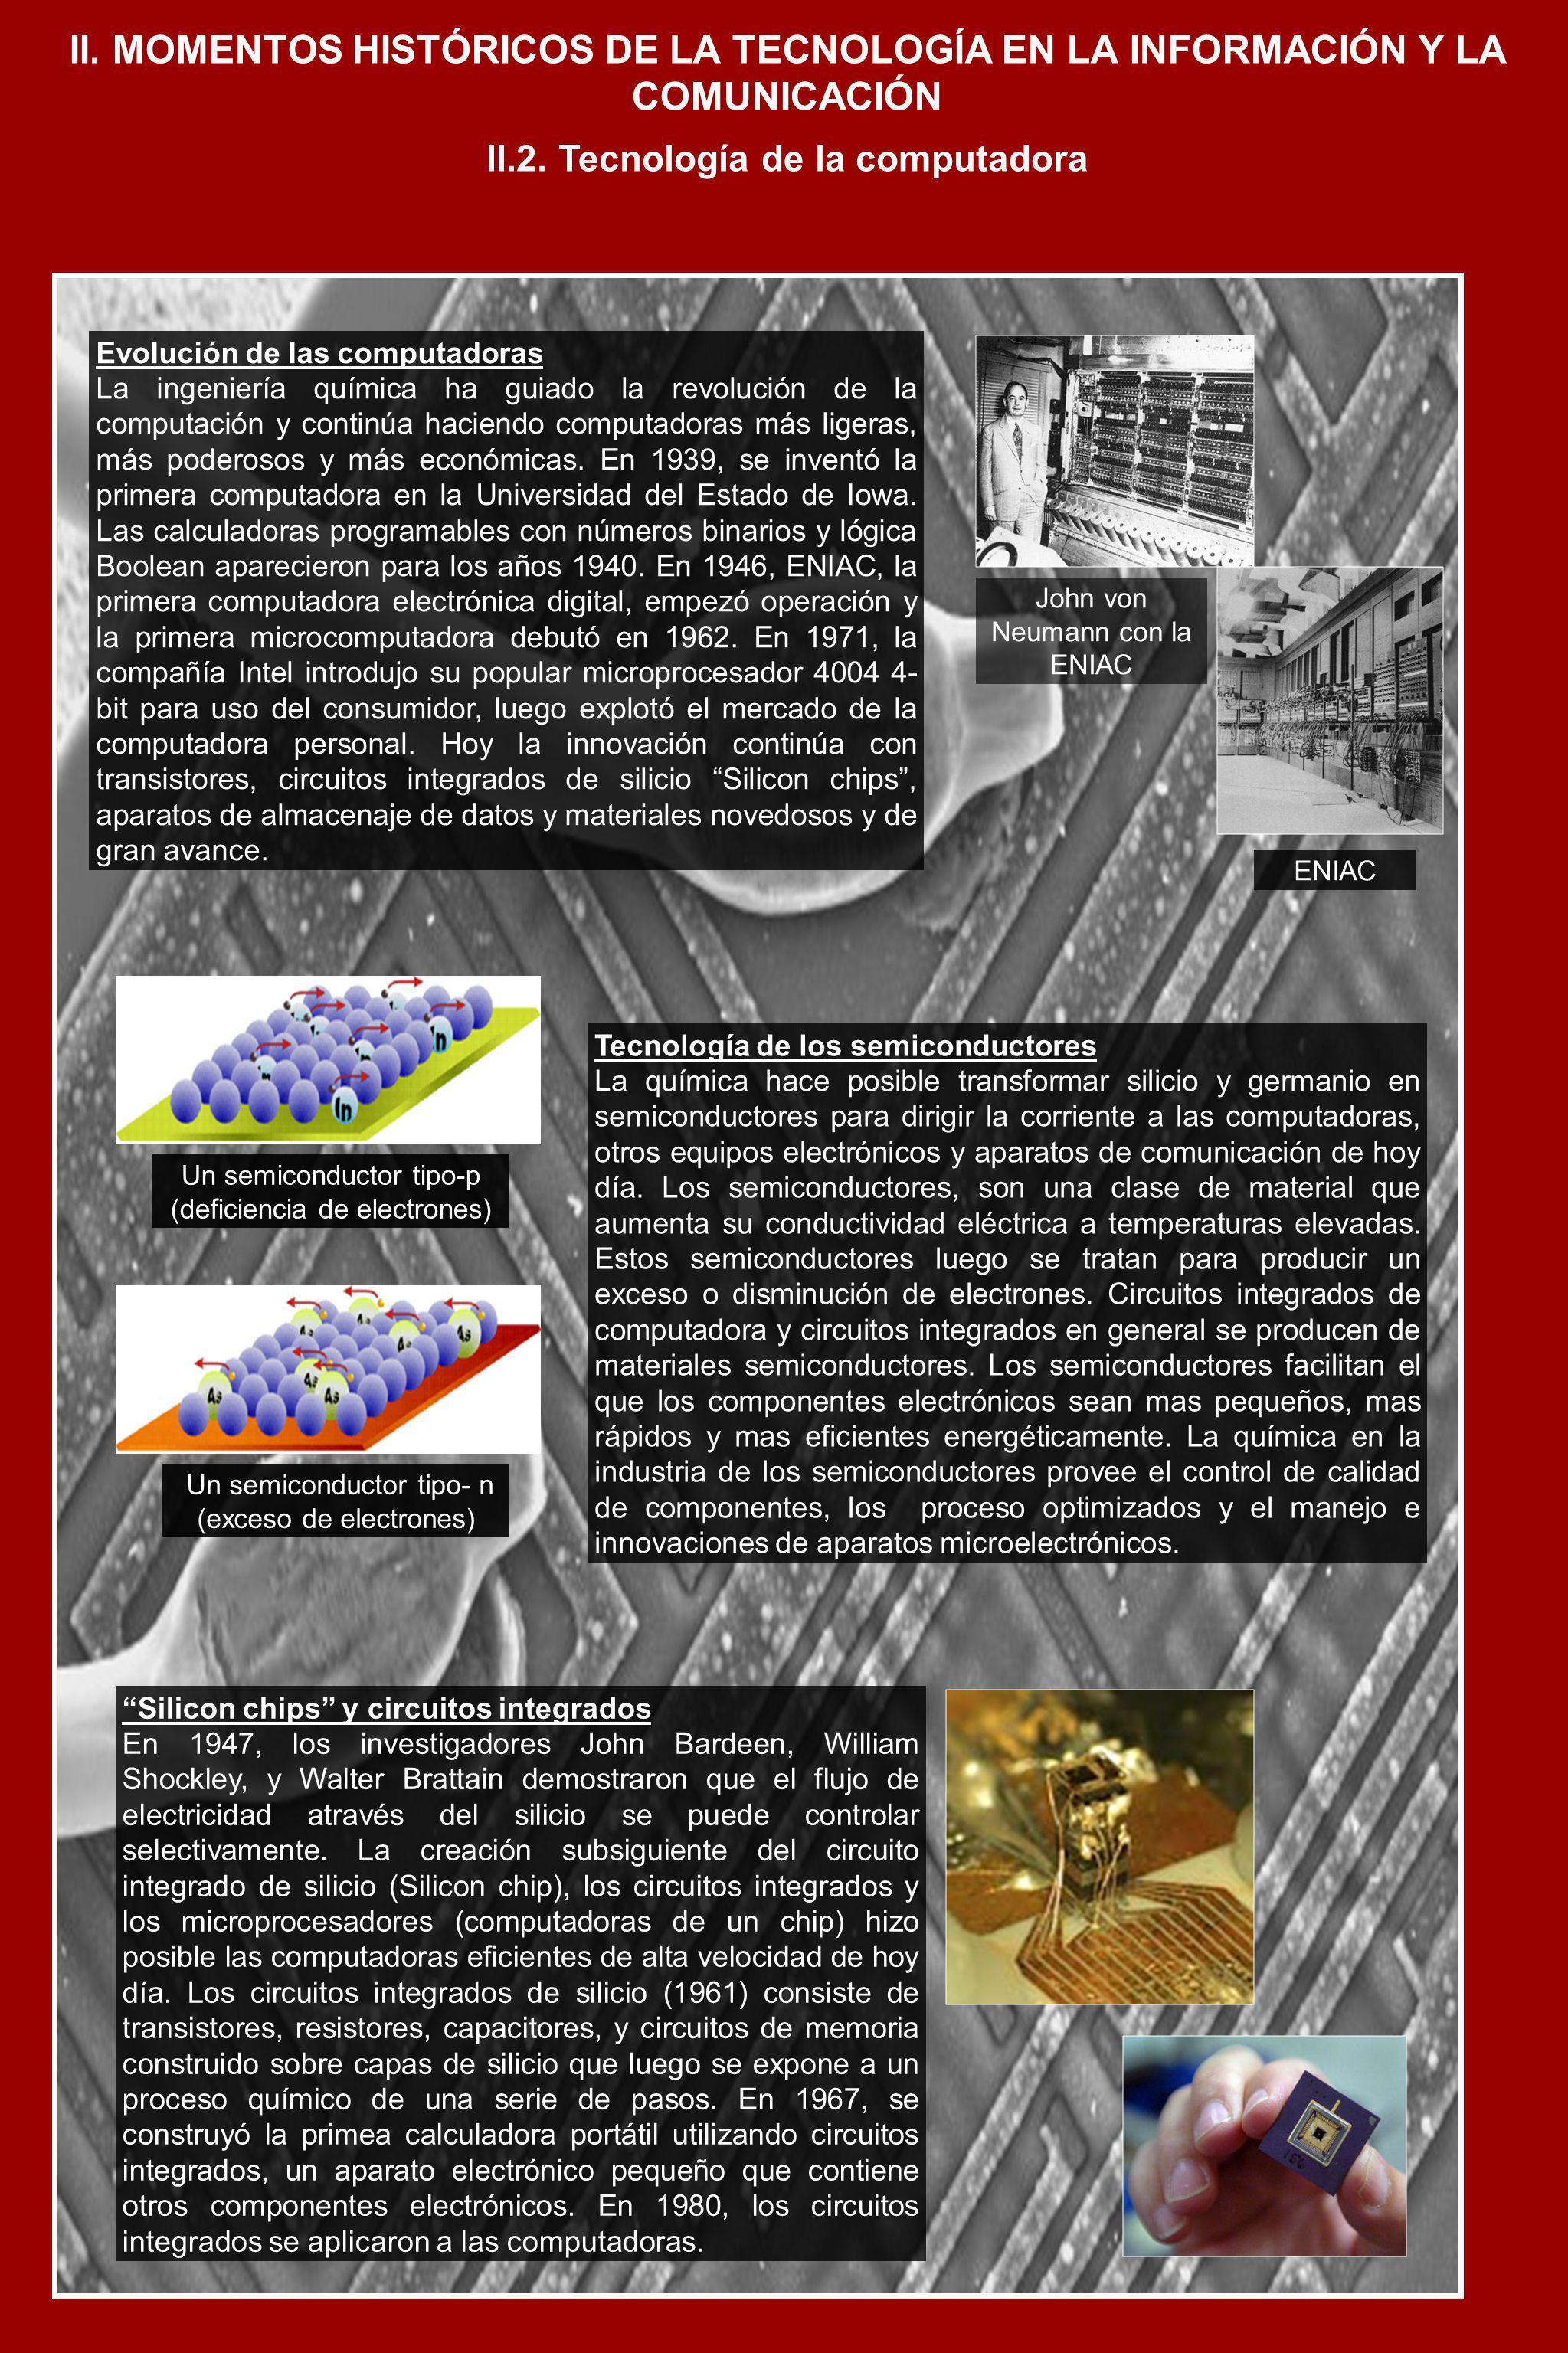 II.2. Tecnología de la computadora